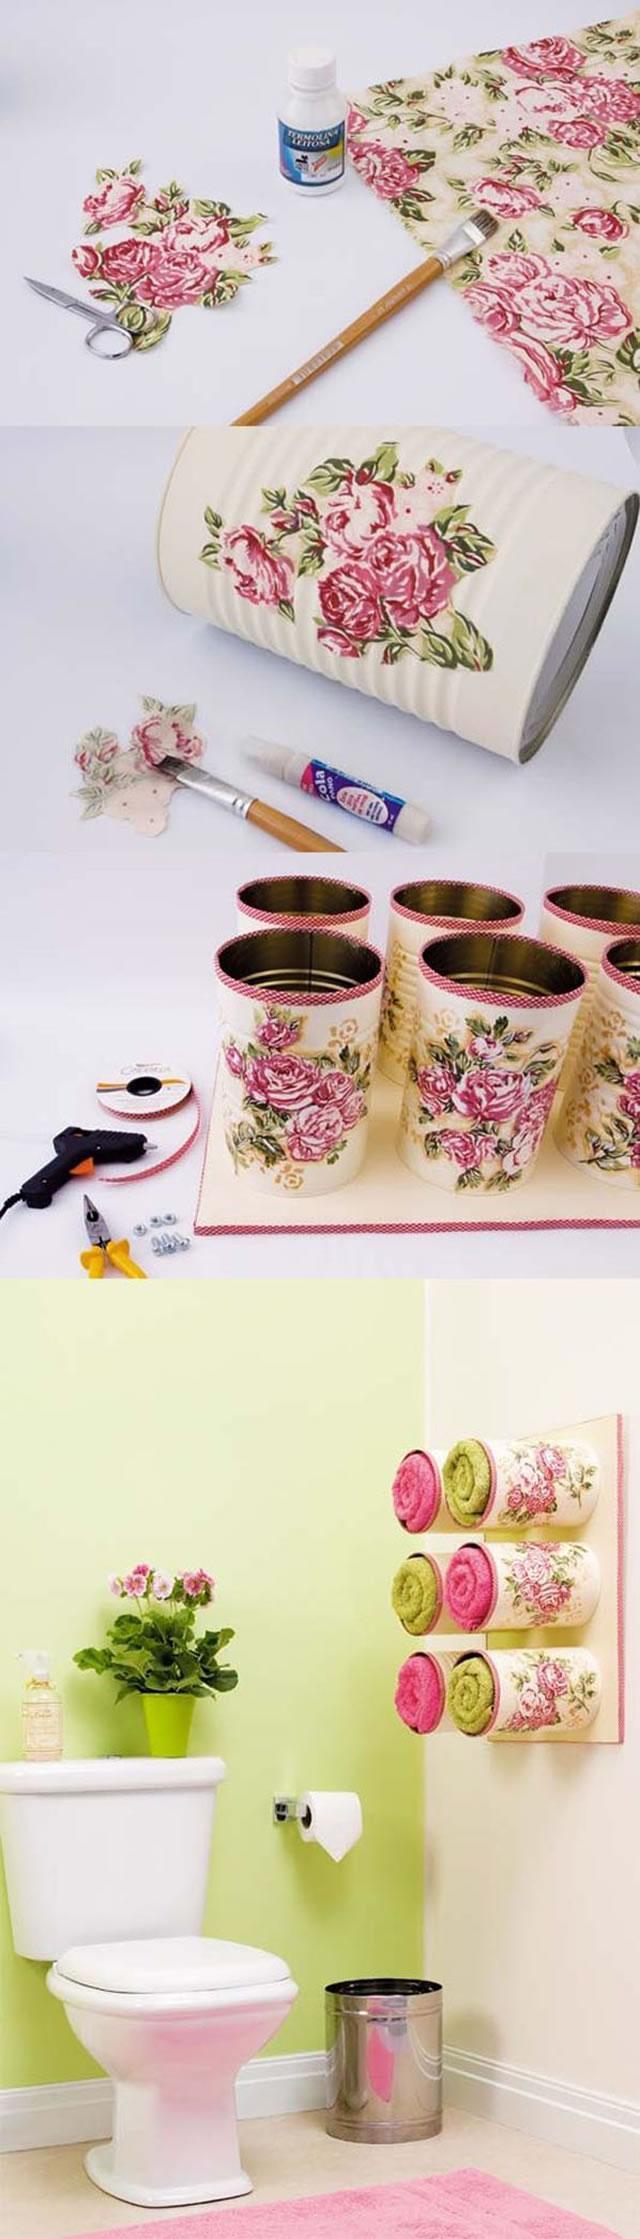 latas decoradas com apliques